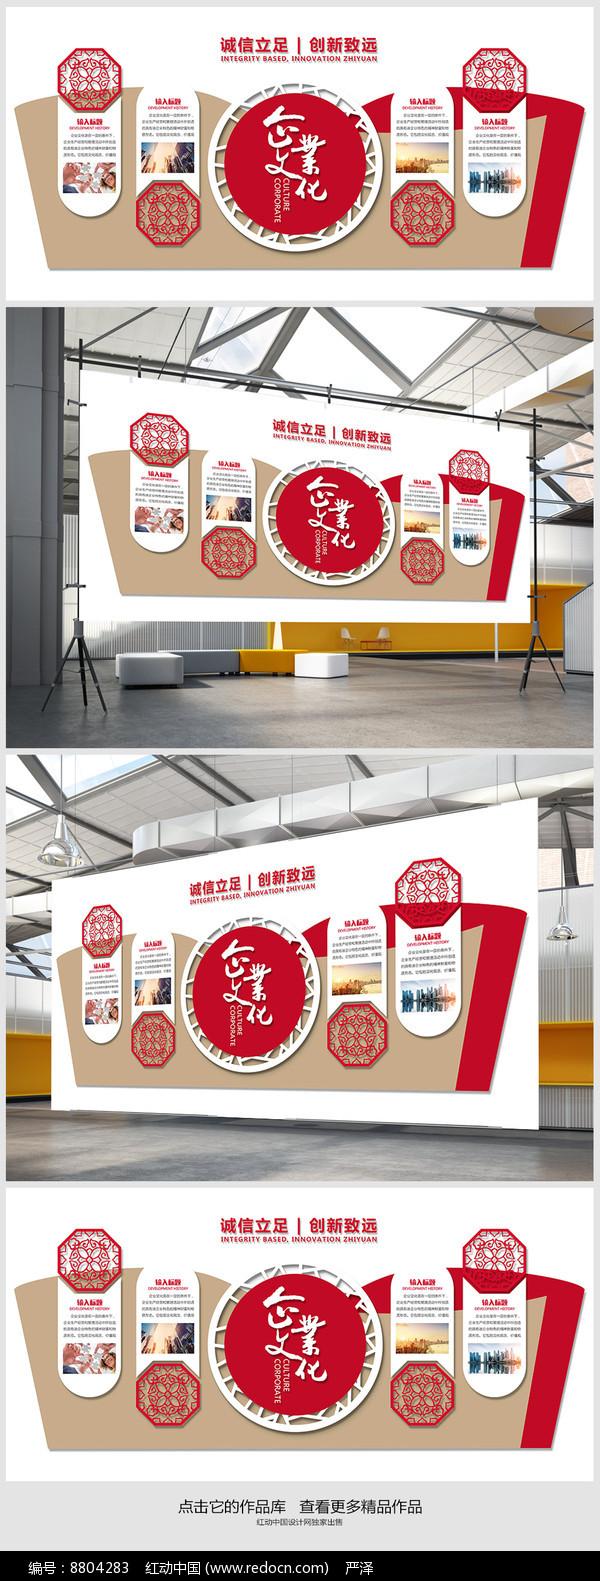 扇形中国风企业文化墙展板